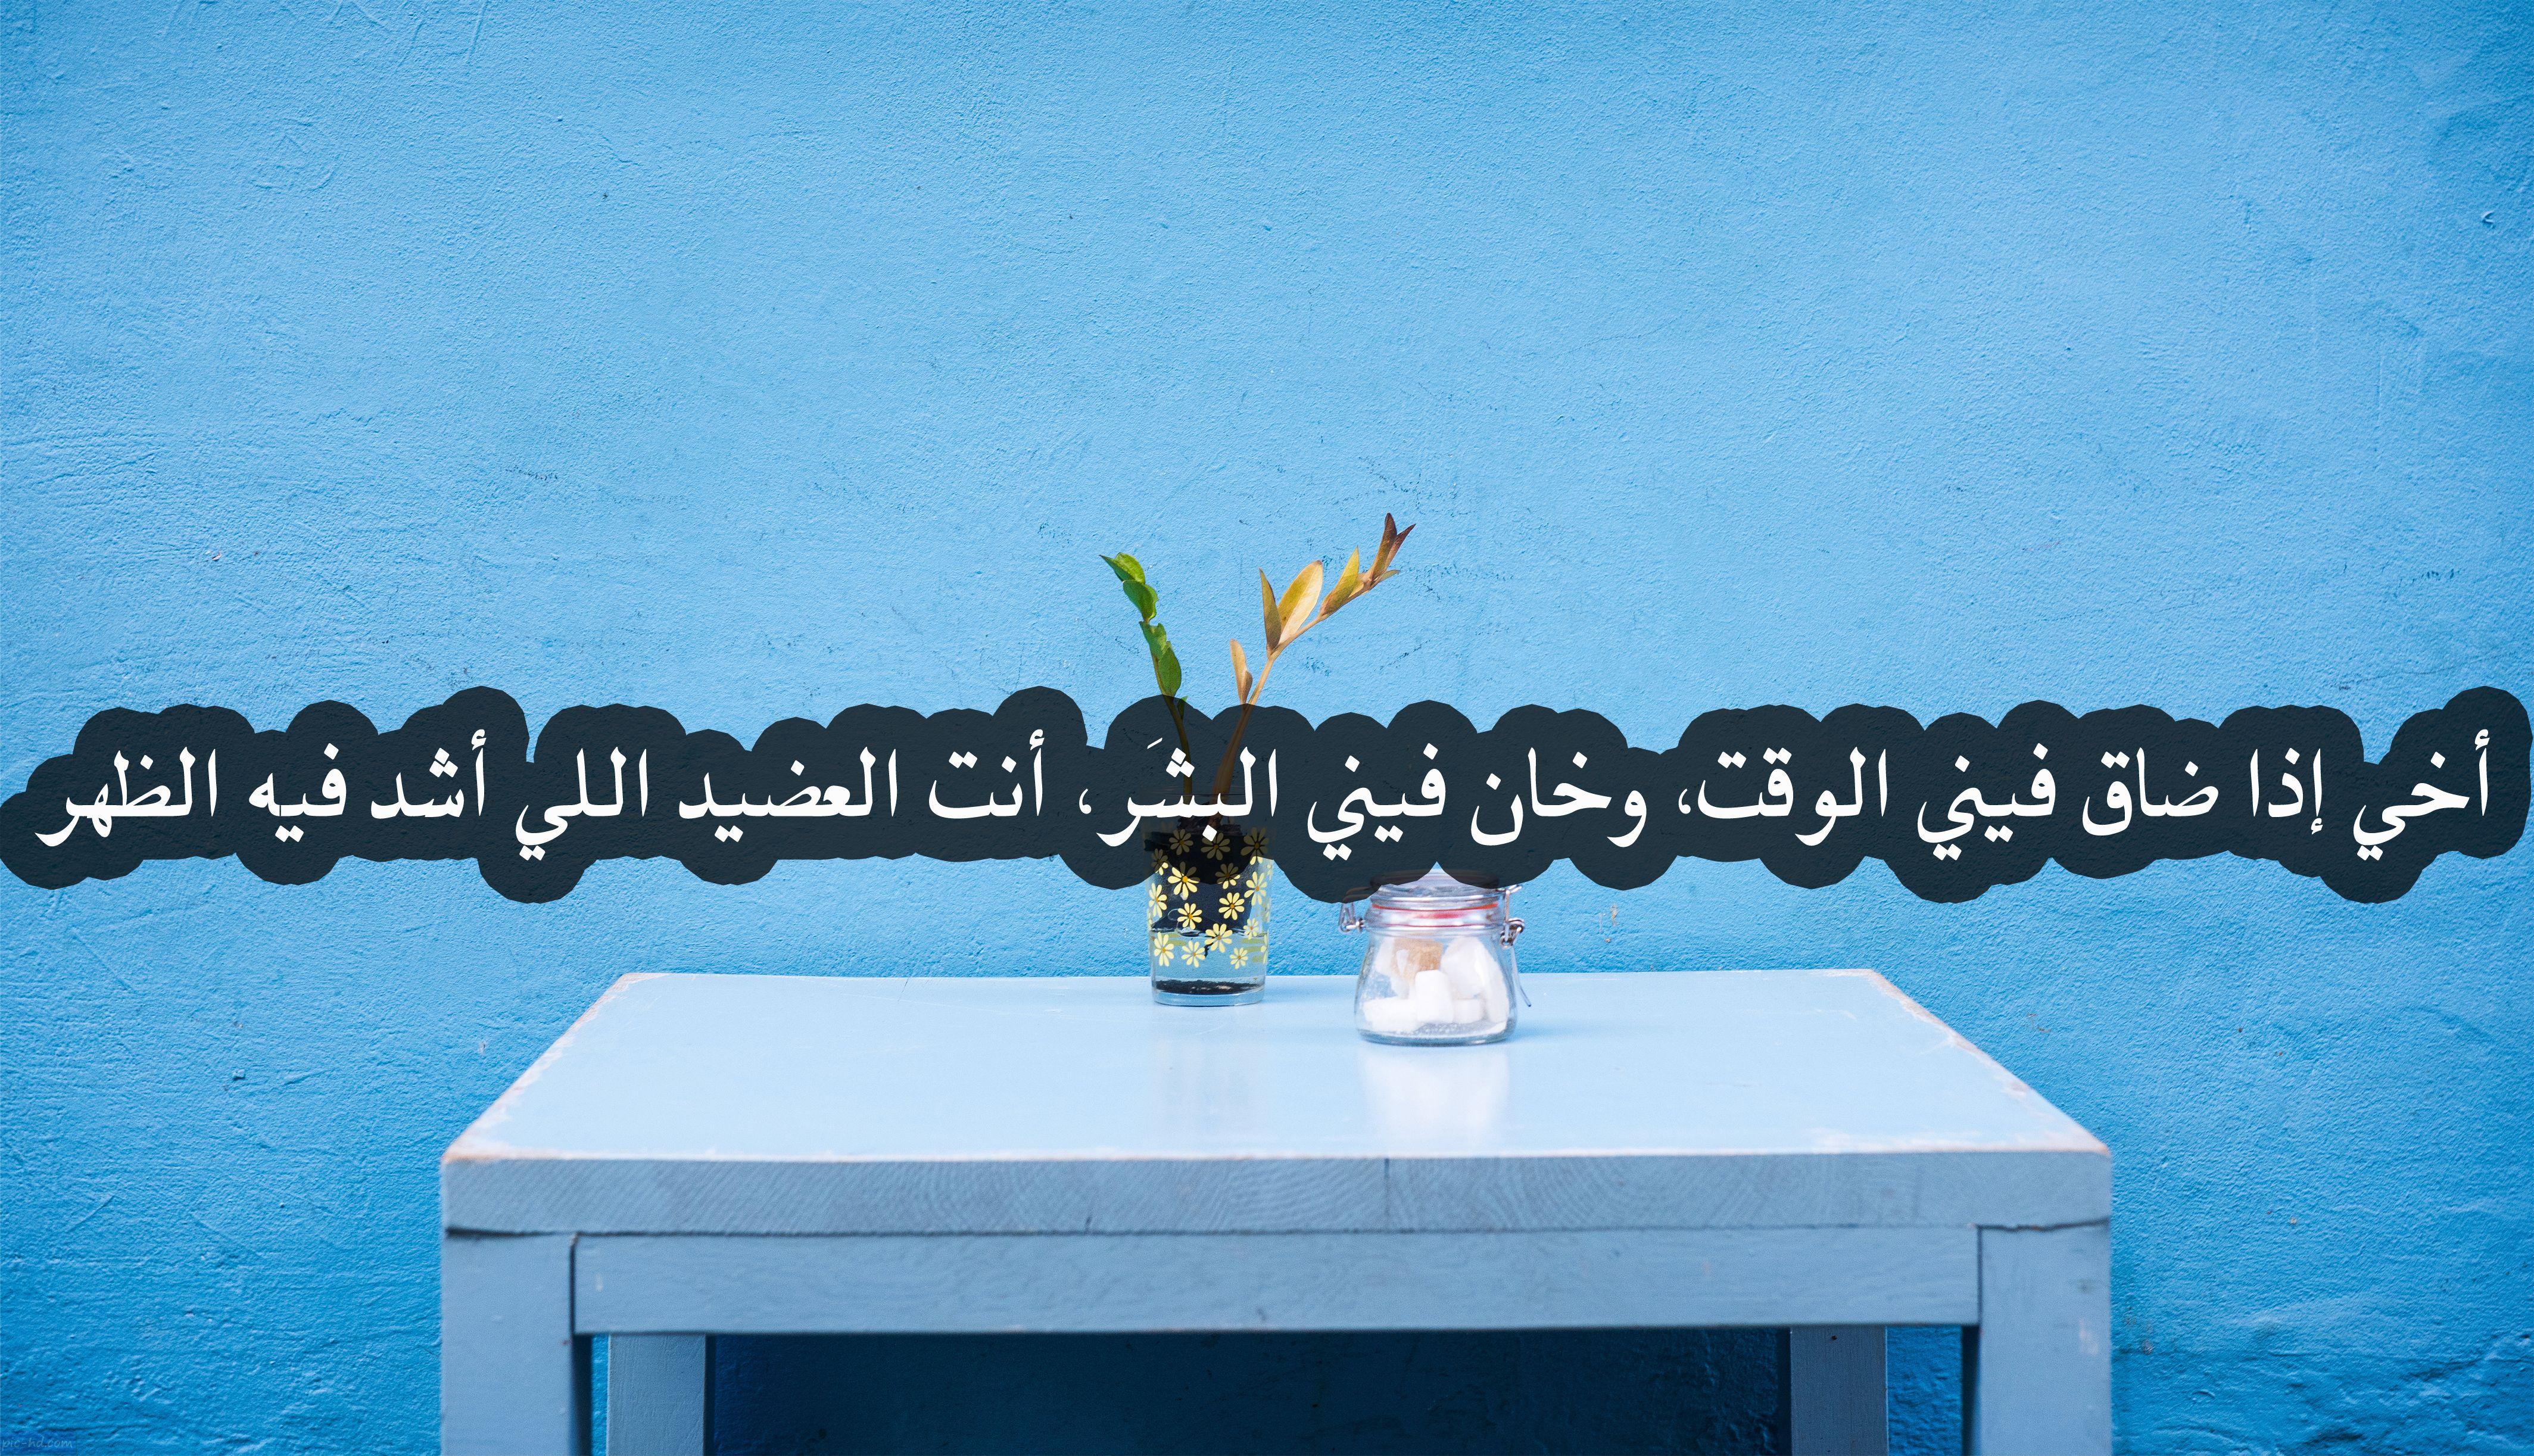 صور عن الأخ مع عبارات جميلة كلام عن الاخ الحنون مكتوب علي صور Beautiful Arabic Words Photo Fantasy Art